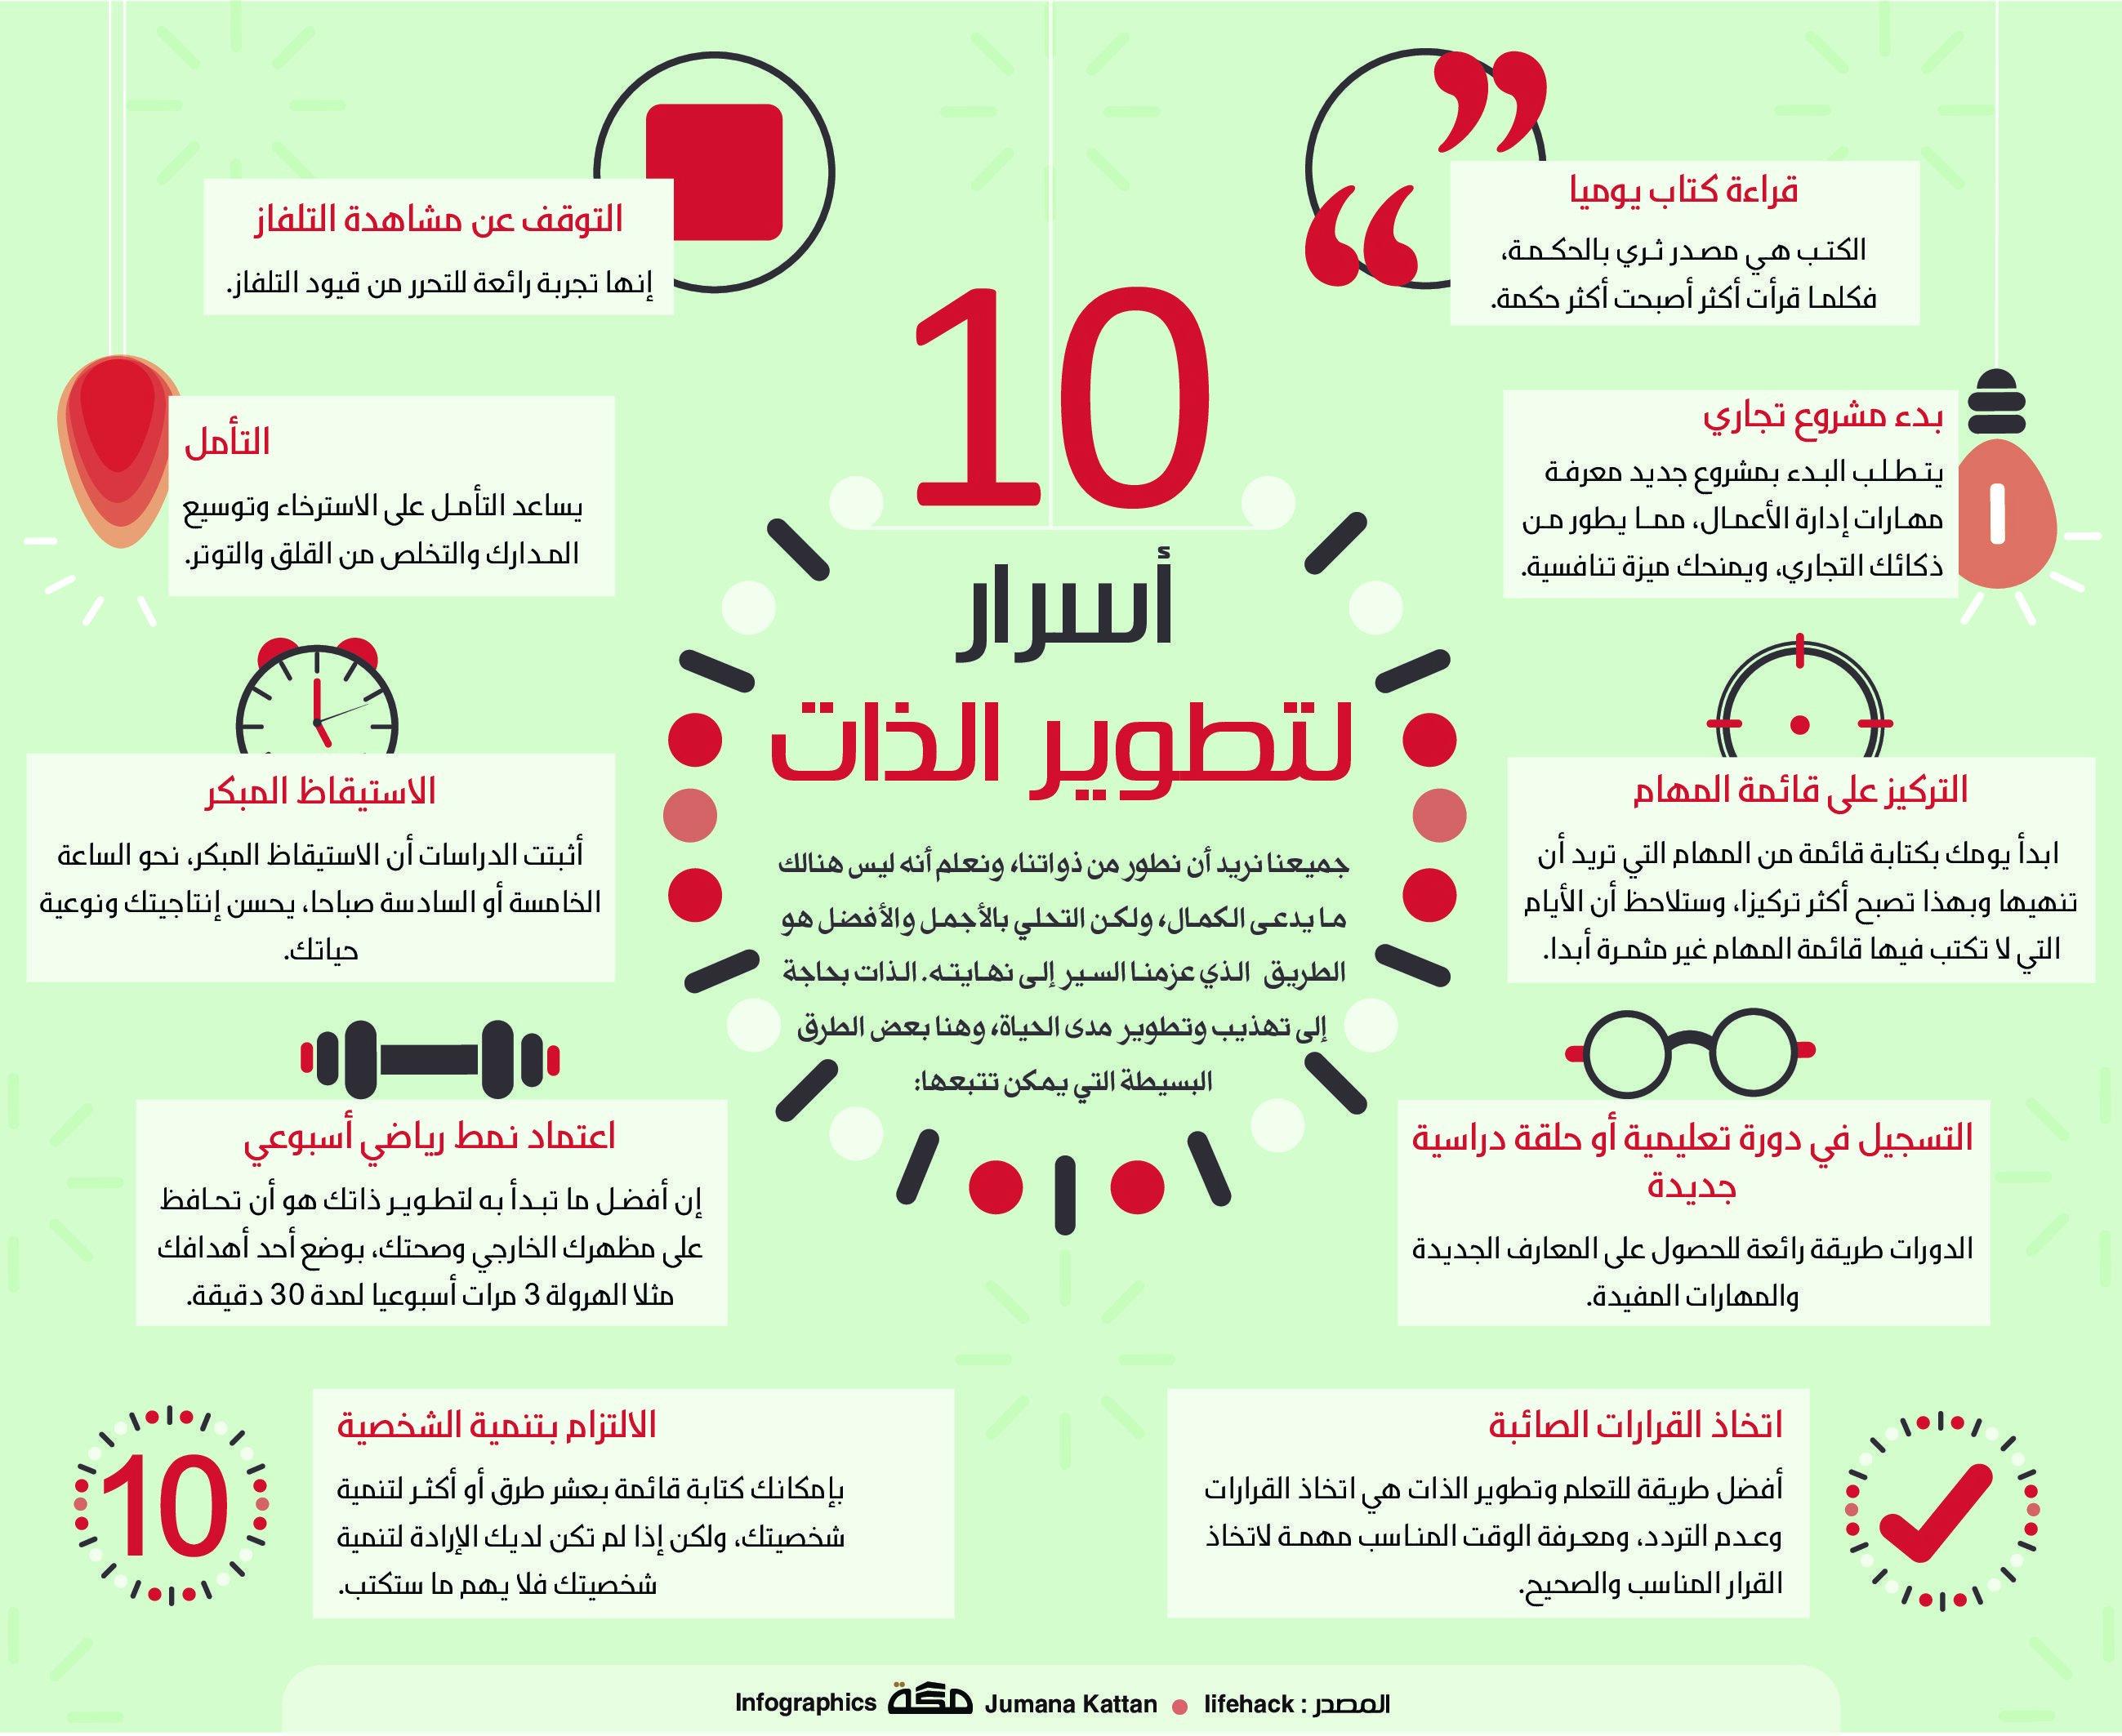 10 أسرار لتطوير الذات صحيفة مكة انفوجرافيك تطويرالذات Learning Websites Self Development Books Learn English Words